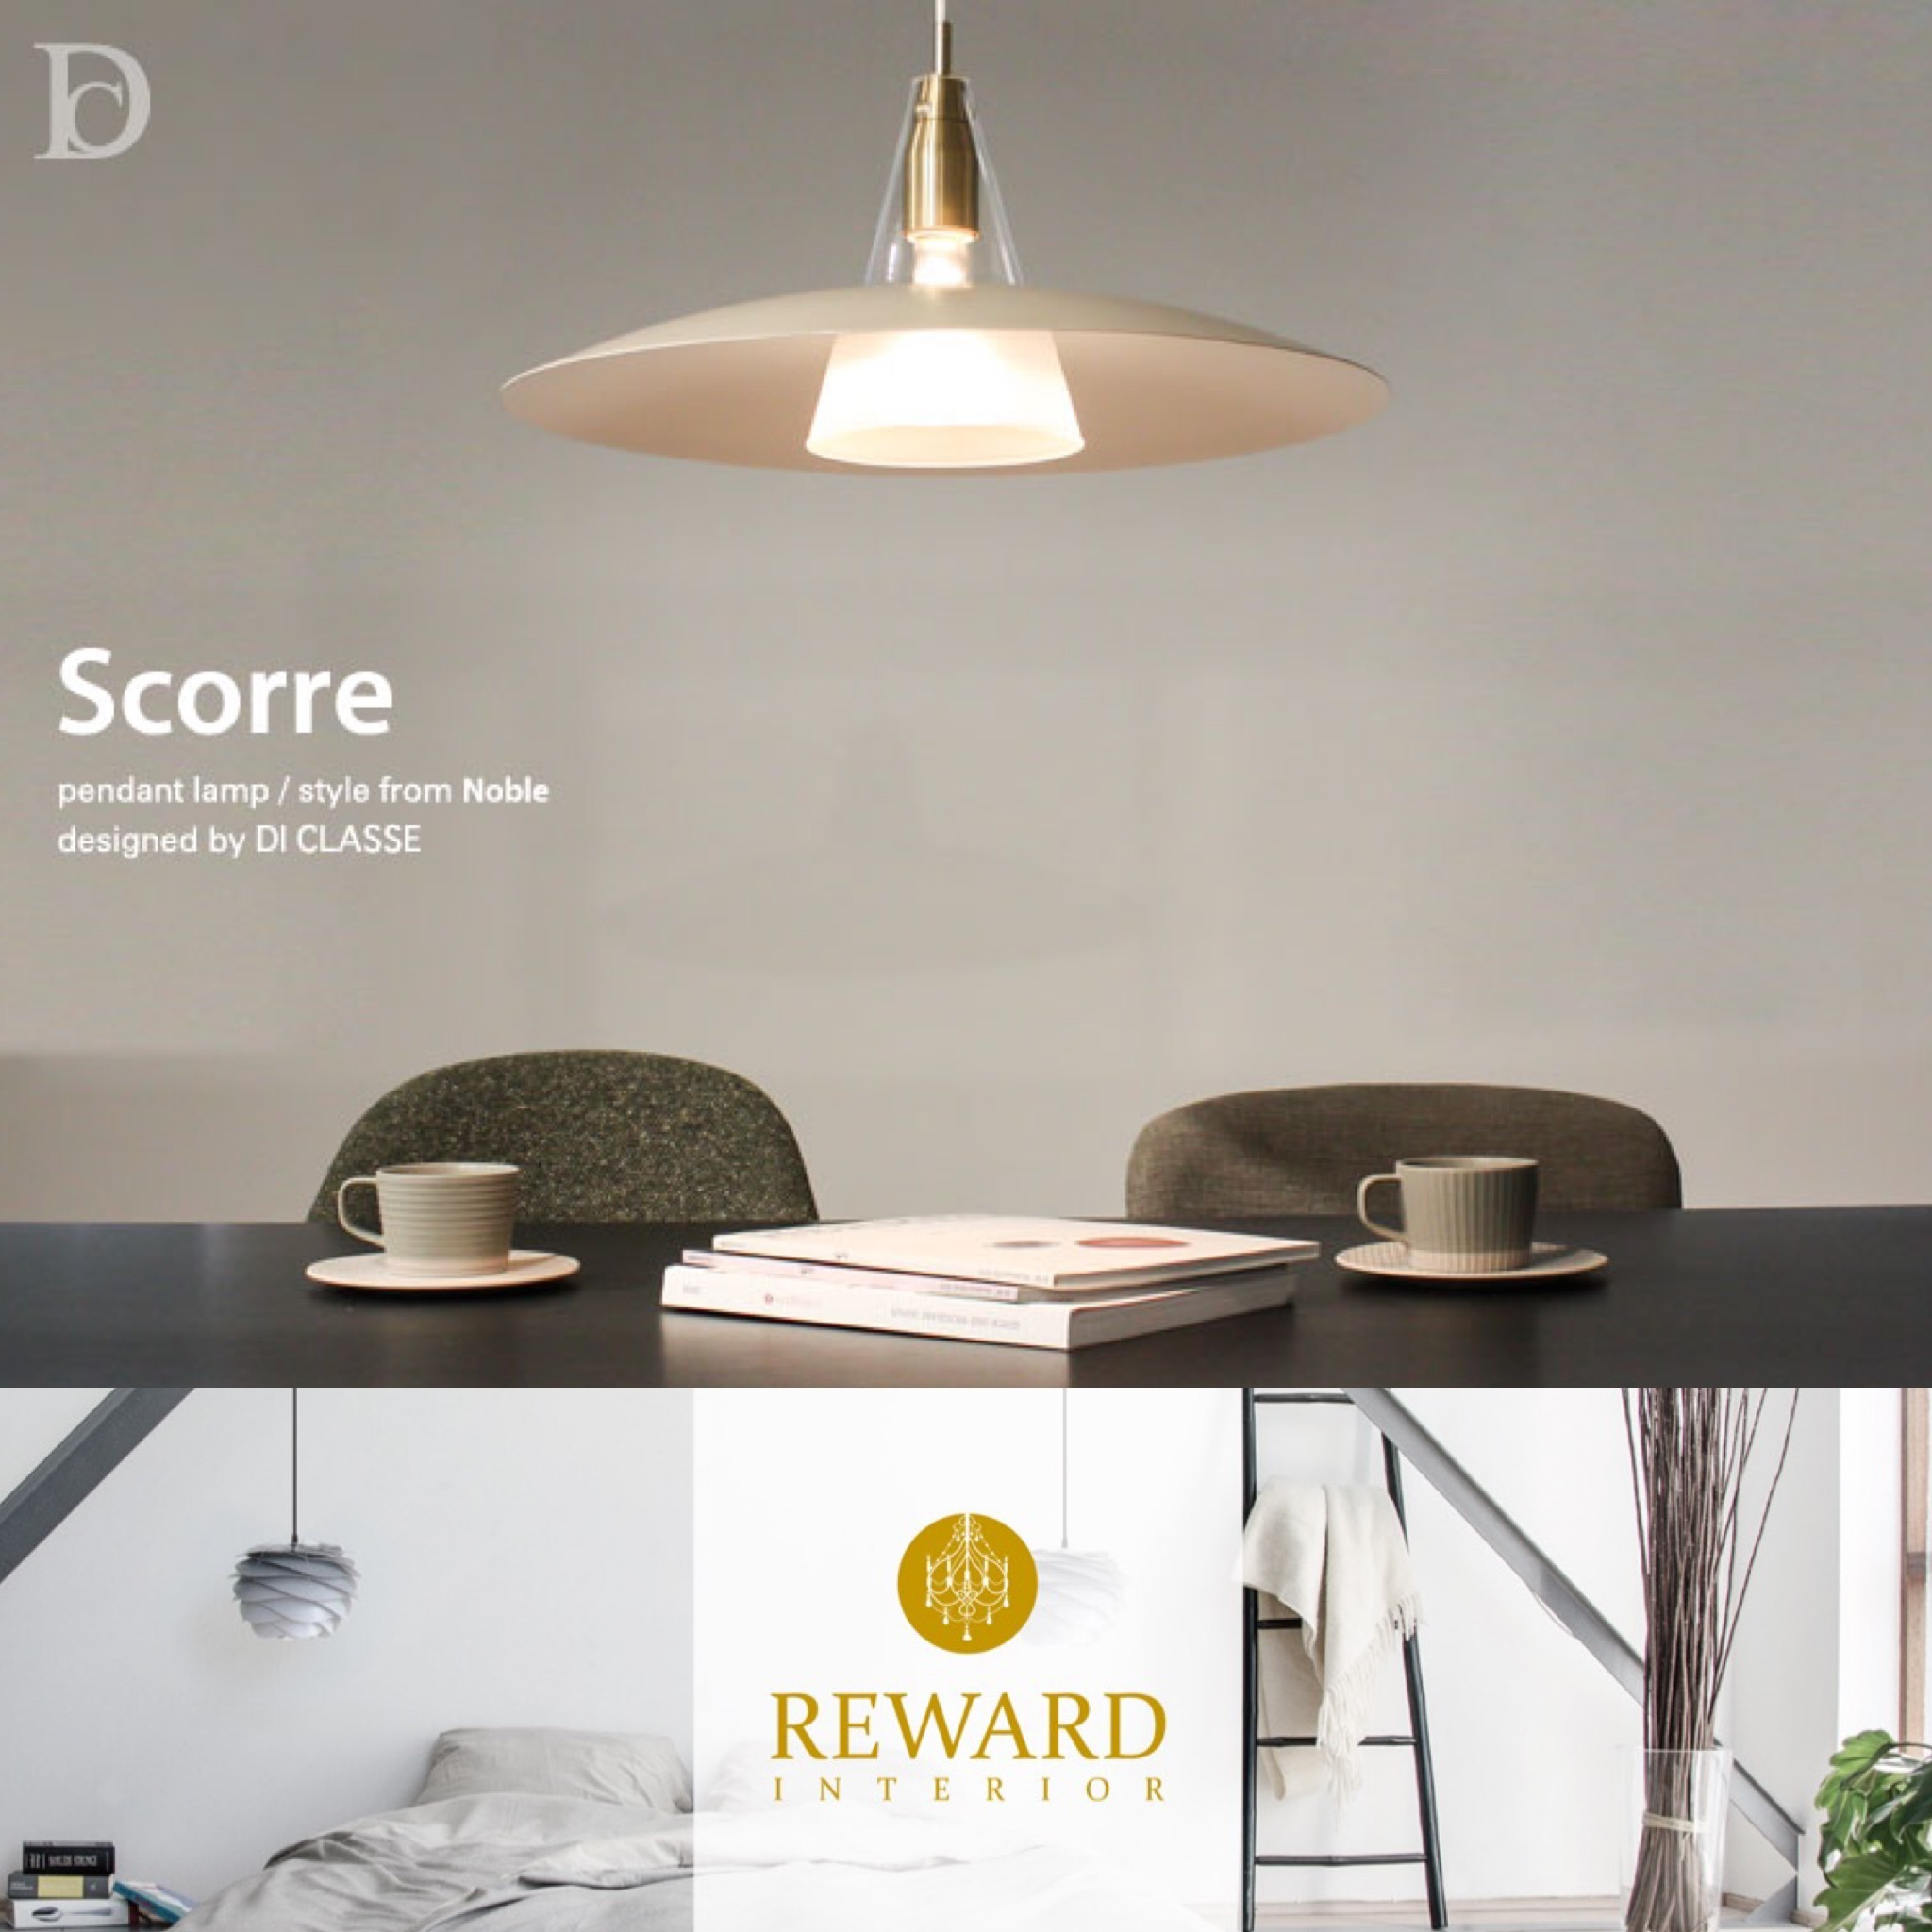 Scorre pendant lamp スコーレ ペンダントランプ 照明 DI-CLASSE 全2色